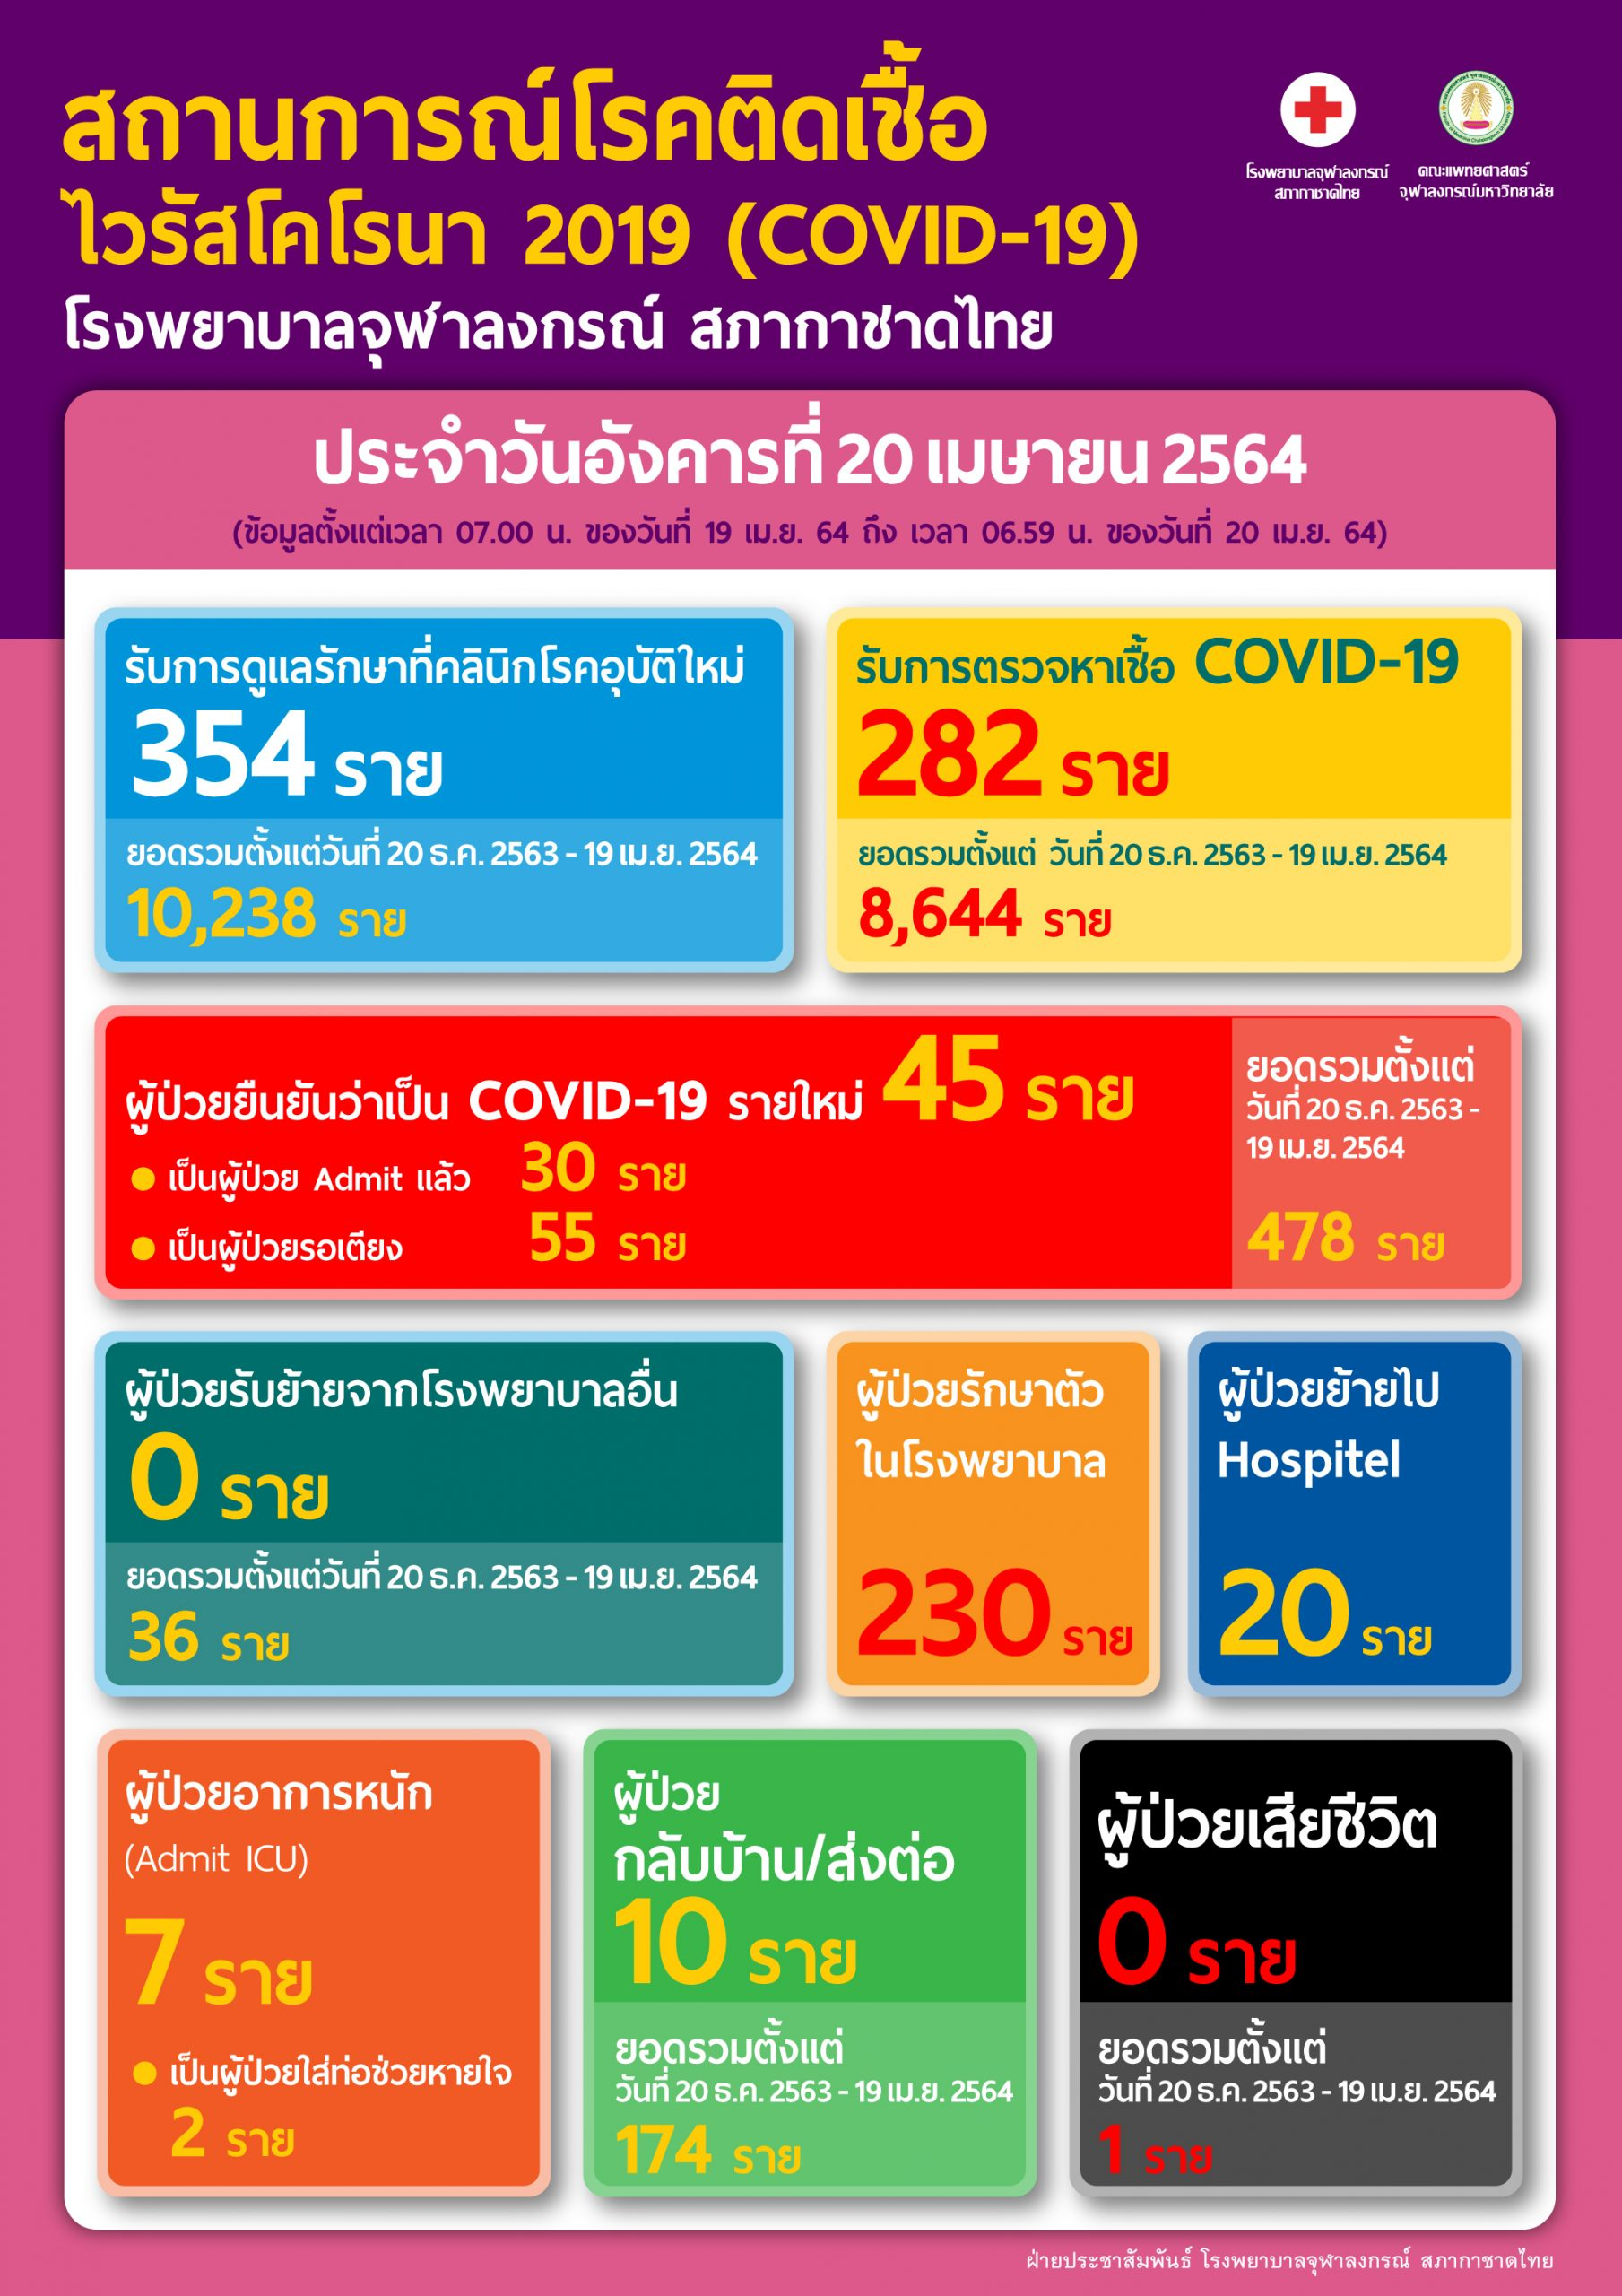 สถานการณ์โรคติดเชื้อ ไวรัสโคโรนา 2019 (COVID-19) โรงพยาบาลจุฬาลงกรณ์ สภากาชาดไทย ประจำวันอังคารที่ 20 เมษายน 2564